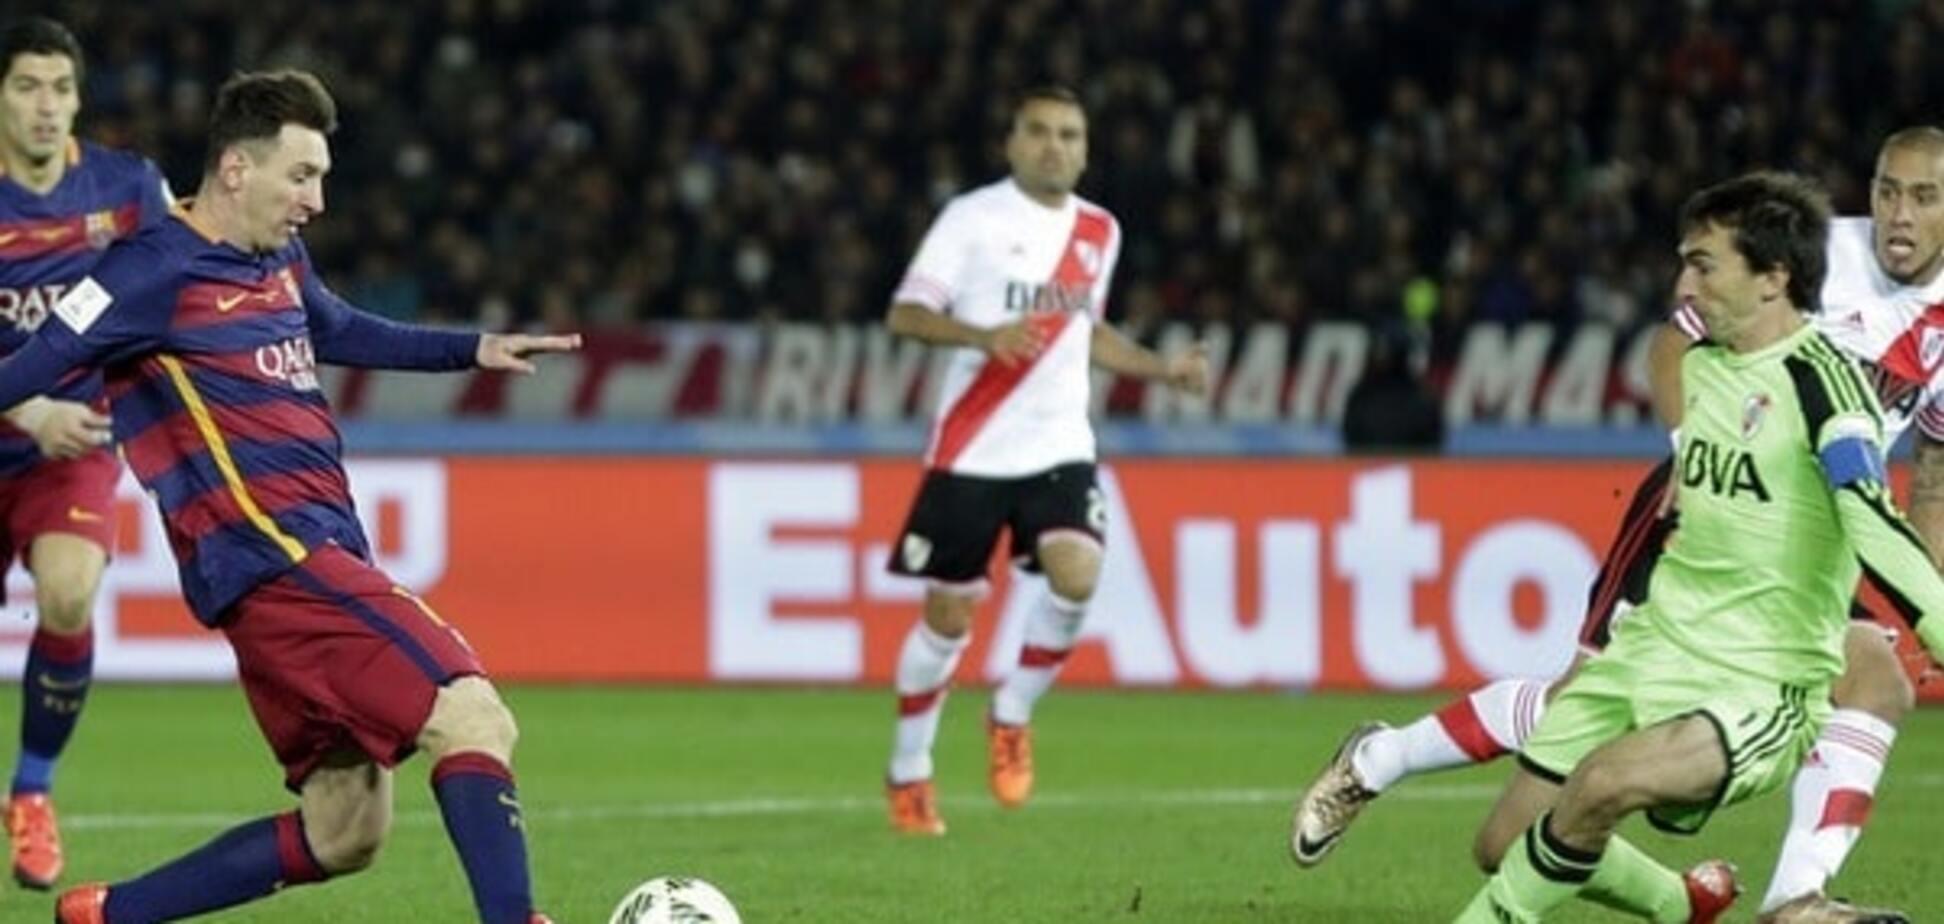 'Барселона' с разгромом выиграла клубный чемпионат мира